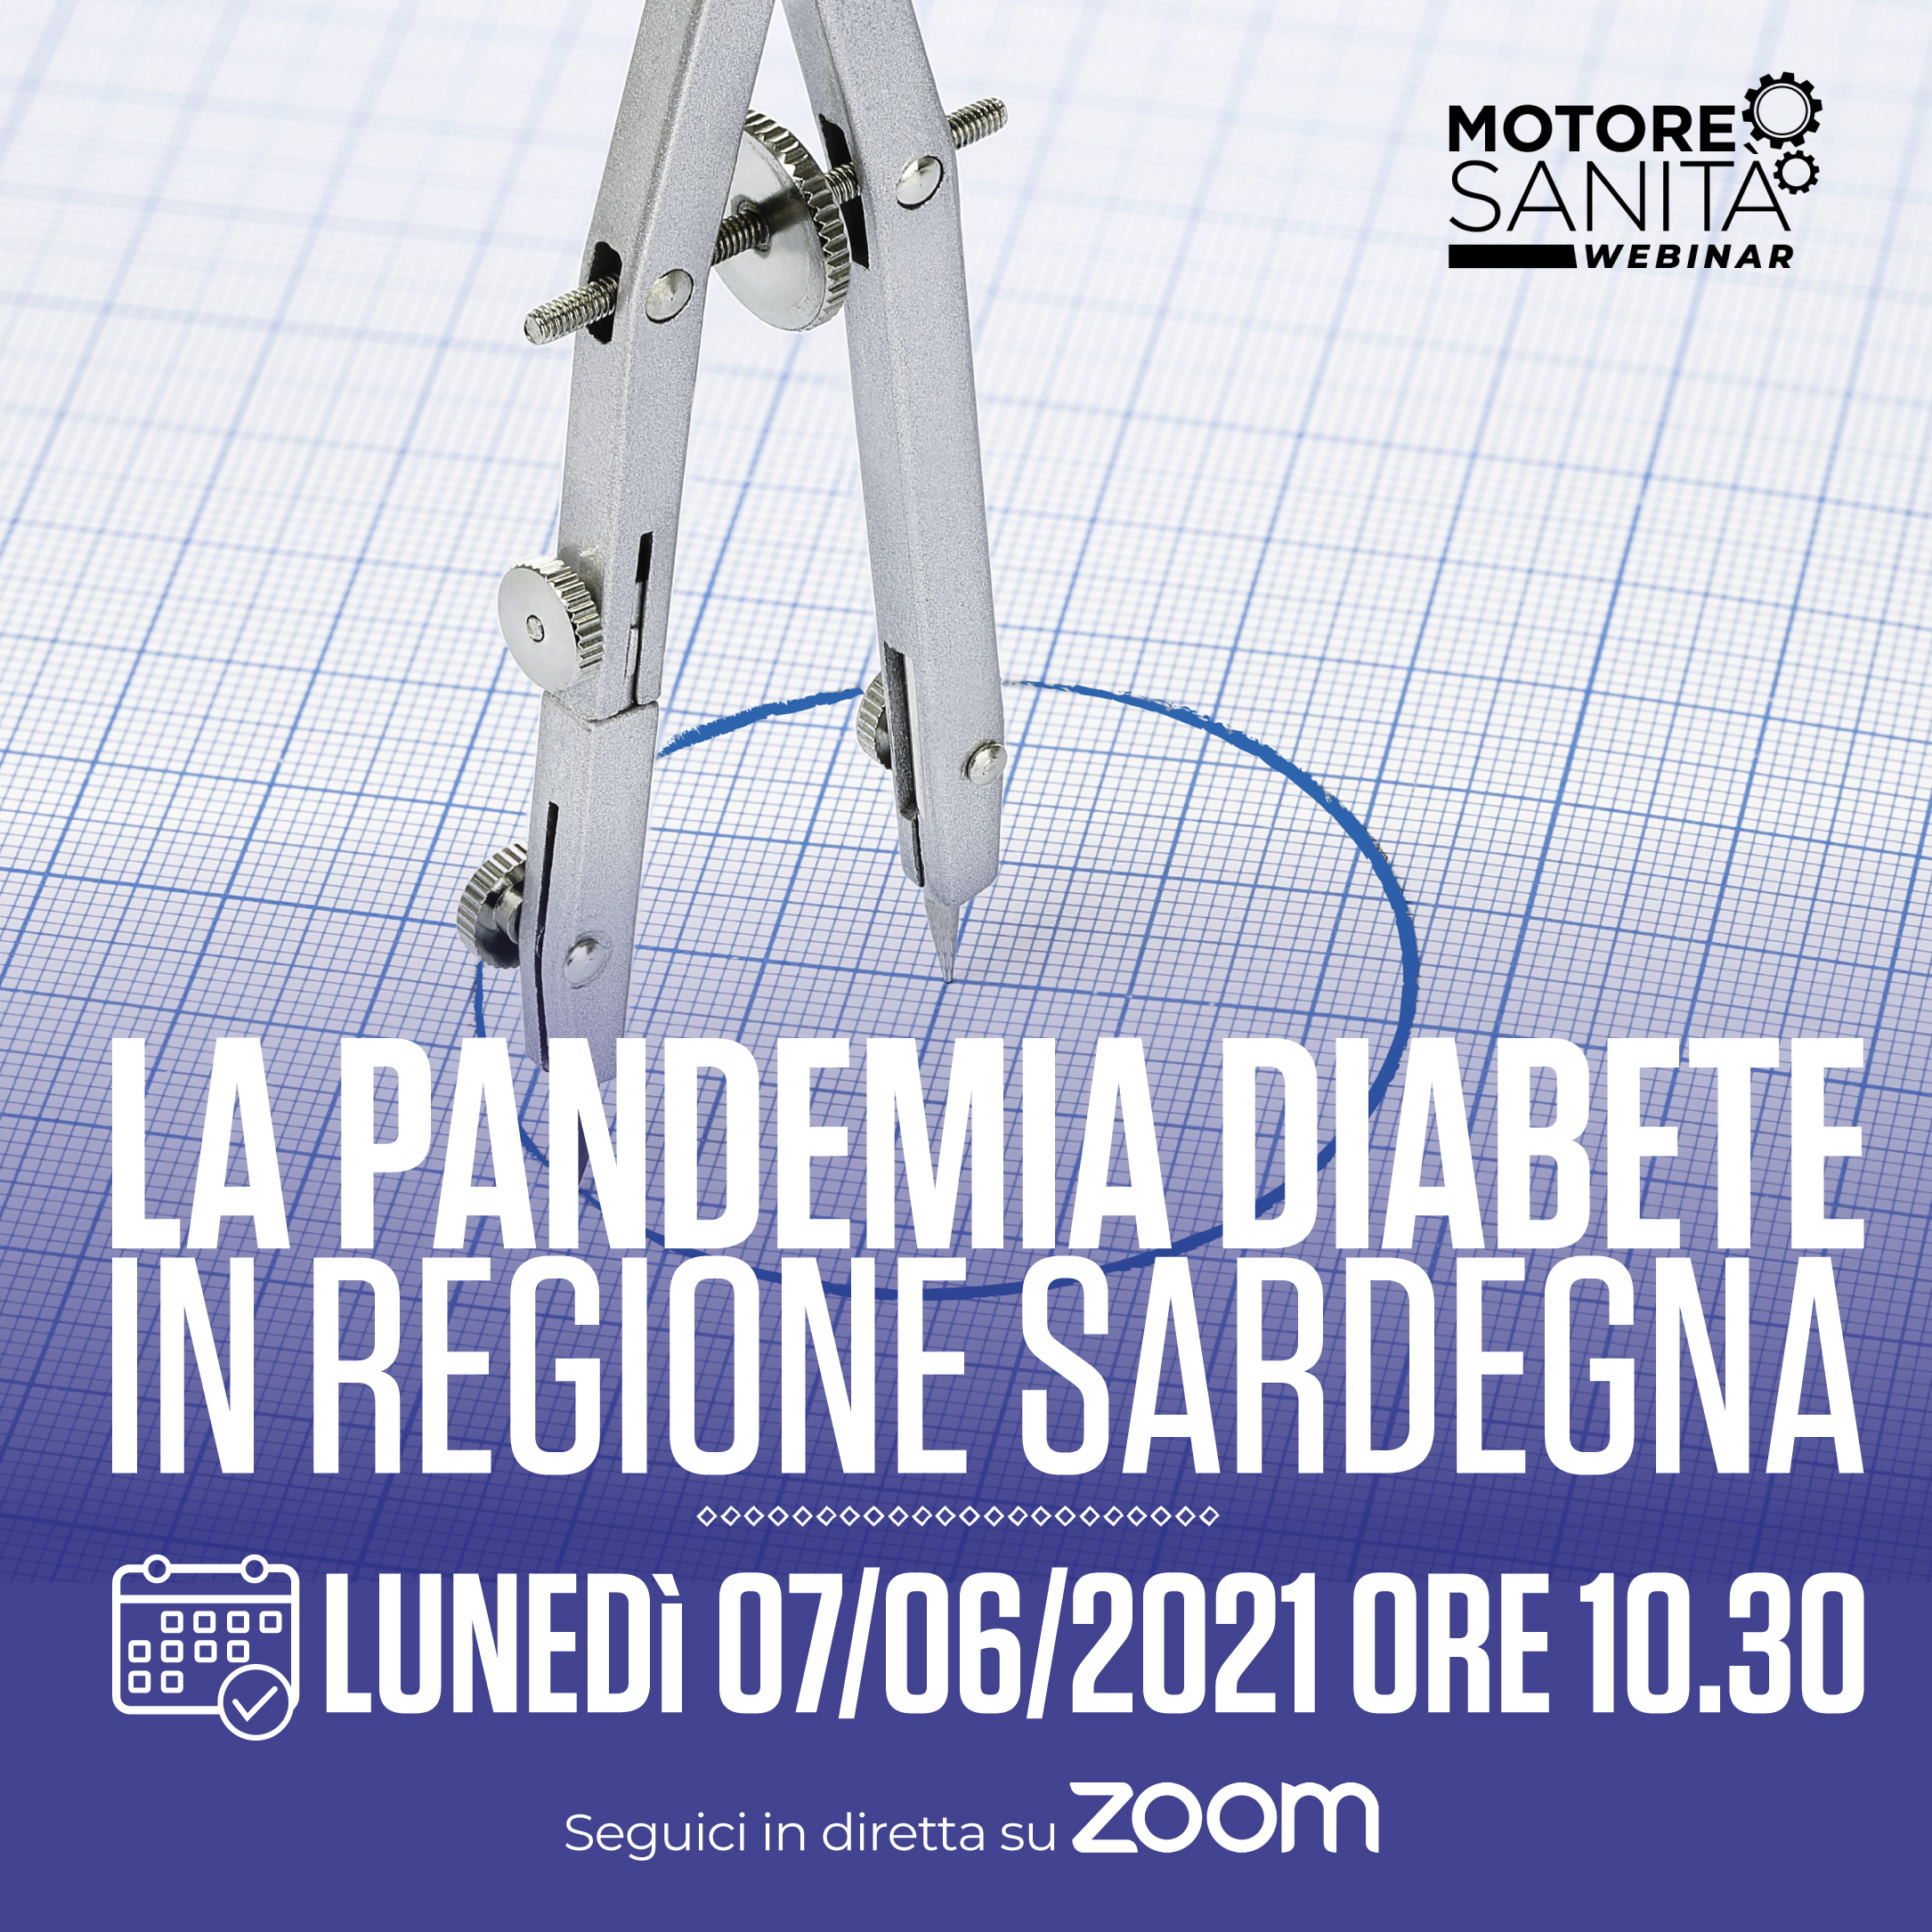 Pandemia diabete in Sardegna: regione con il più alto numero di casi  L'appello delle società scientifiche e associazioni: prevenzione nelle scuole,  istituzione di un Registro dati, di Reti e un Pdta omogeneo